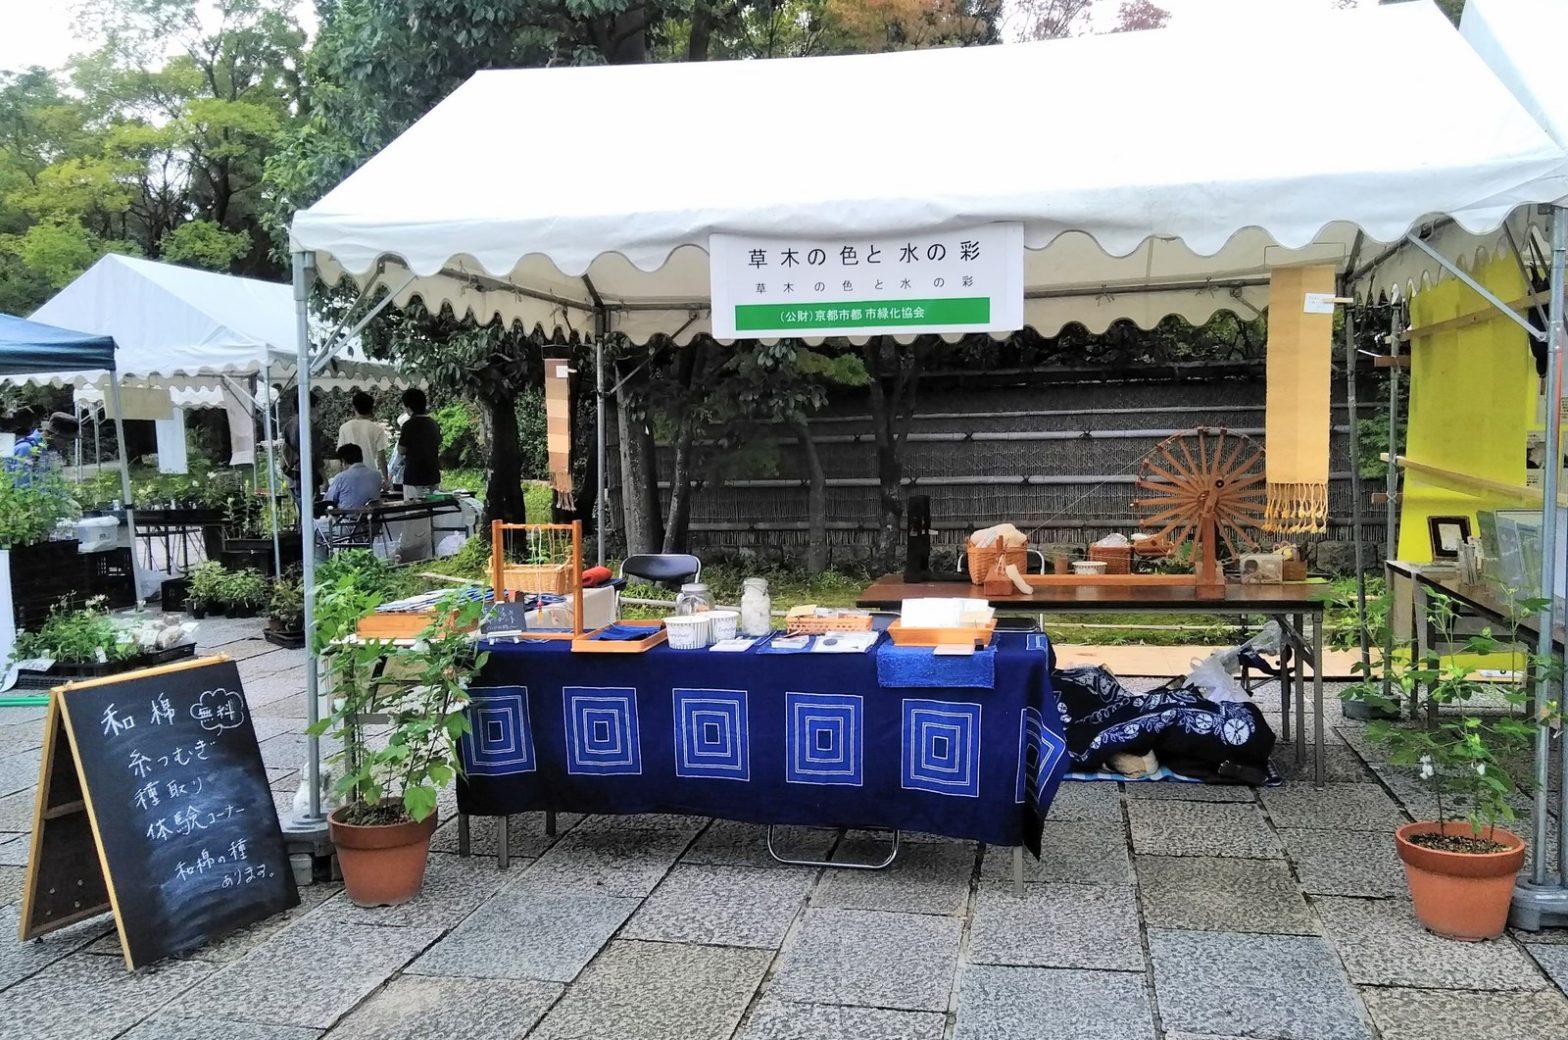 【お知らせ】今年の秋も京都梅小路公園グリーンフェアは中止となりました。